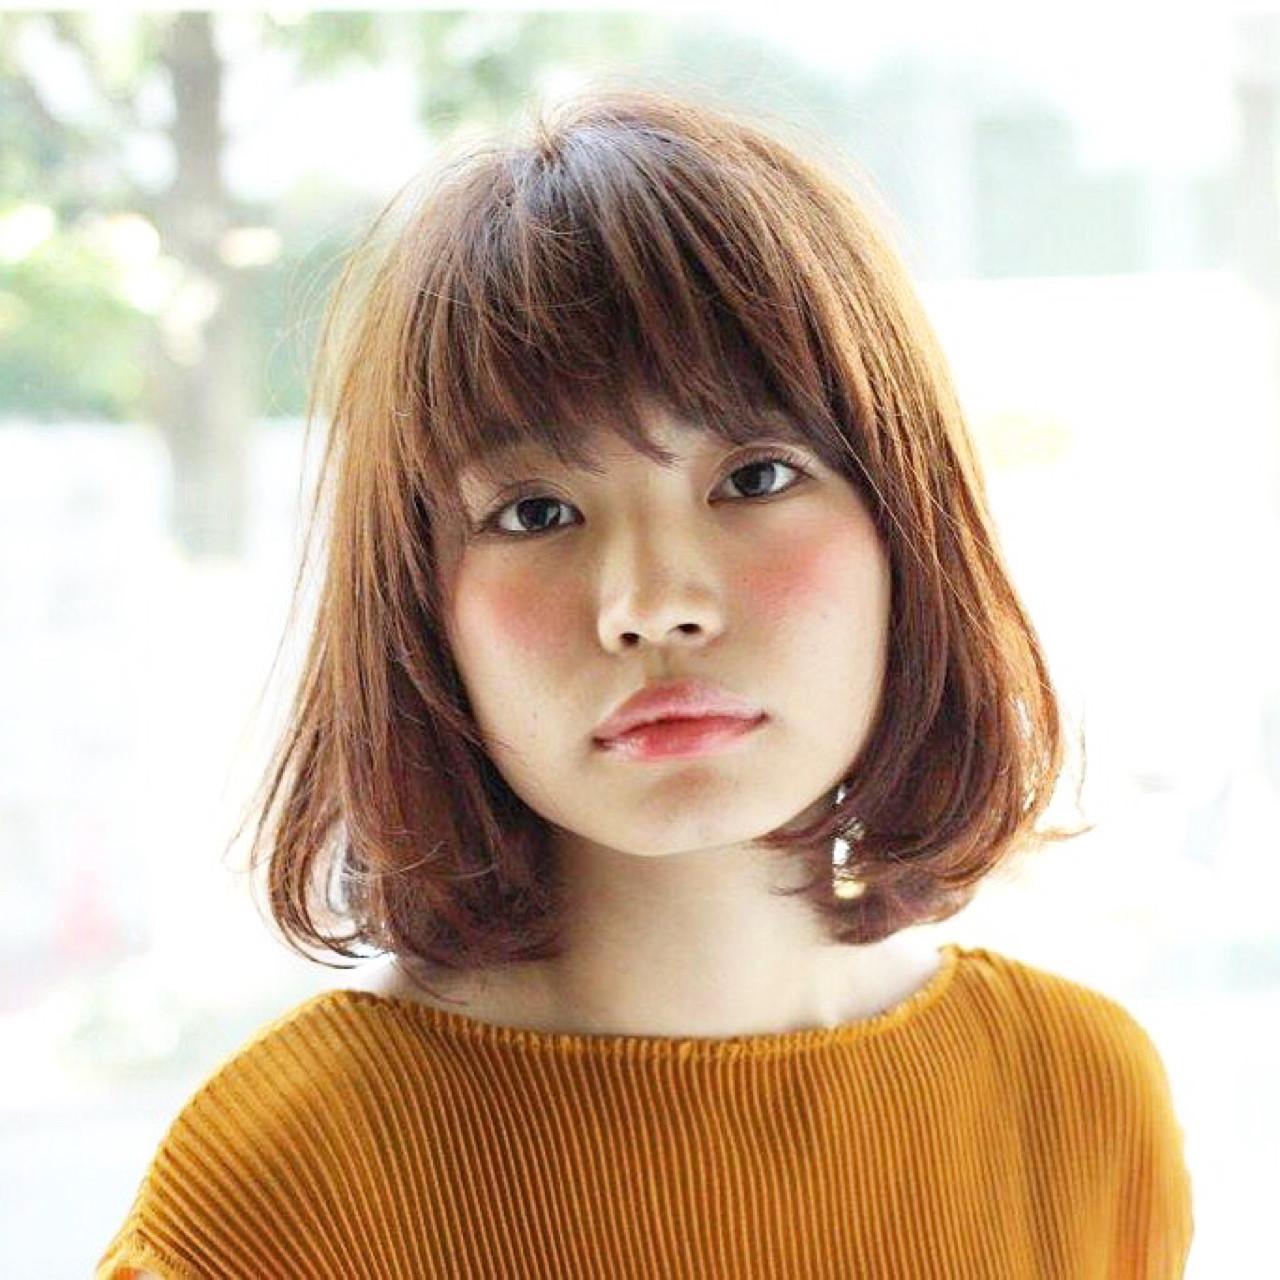 【VOCE3月号 Topics3】VOCE今月のオススメヘアスタイルは、楽ちんパーマスタイル☆ 増永 剛大 / Un ami